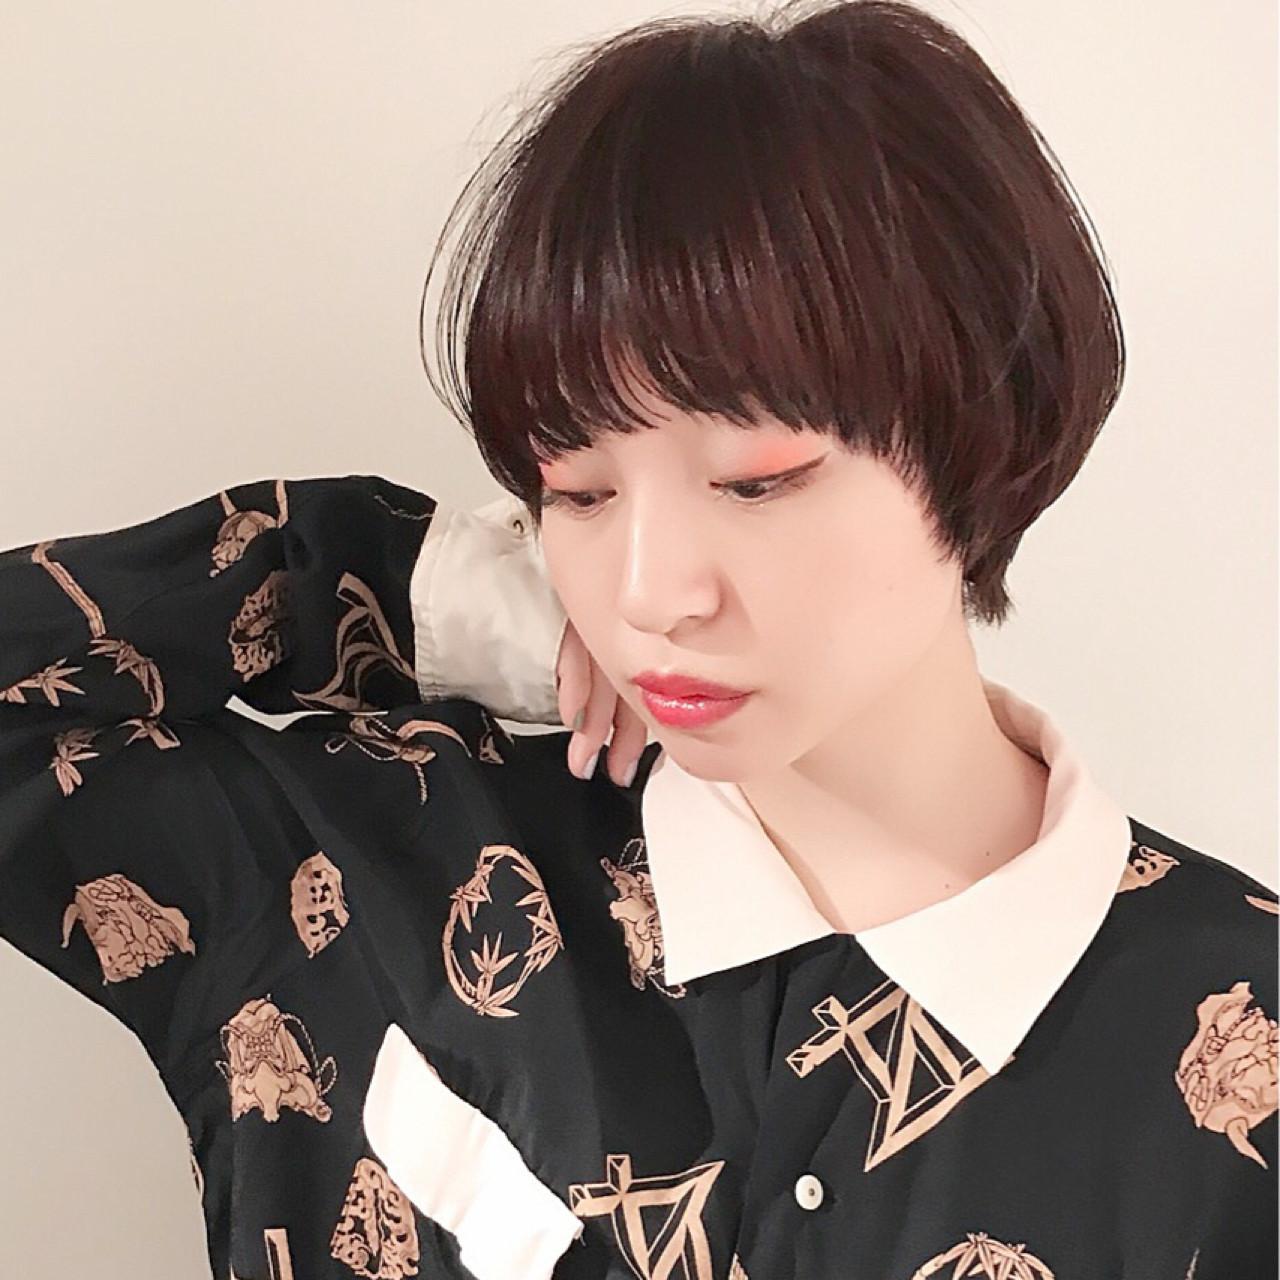 冬 マロンピンク モード マッシュ ヘアスタイルや髪型の写真・画像